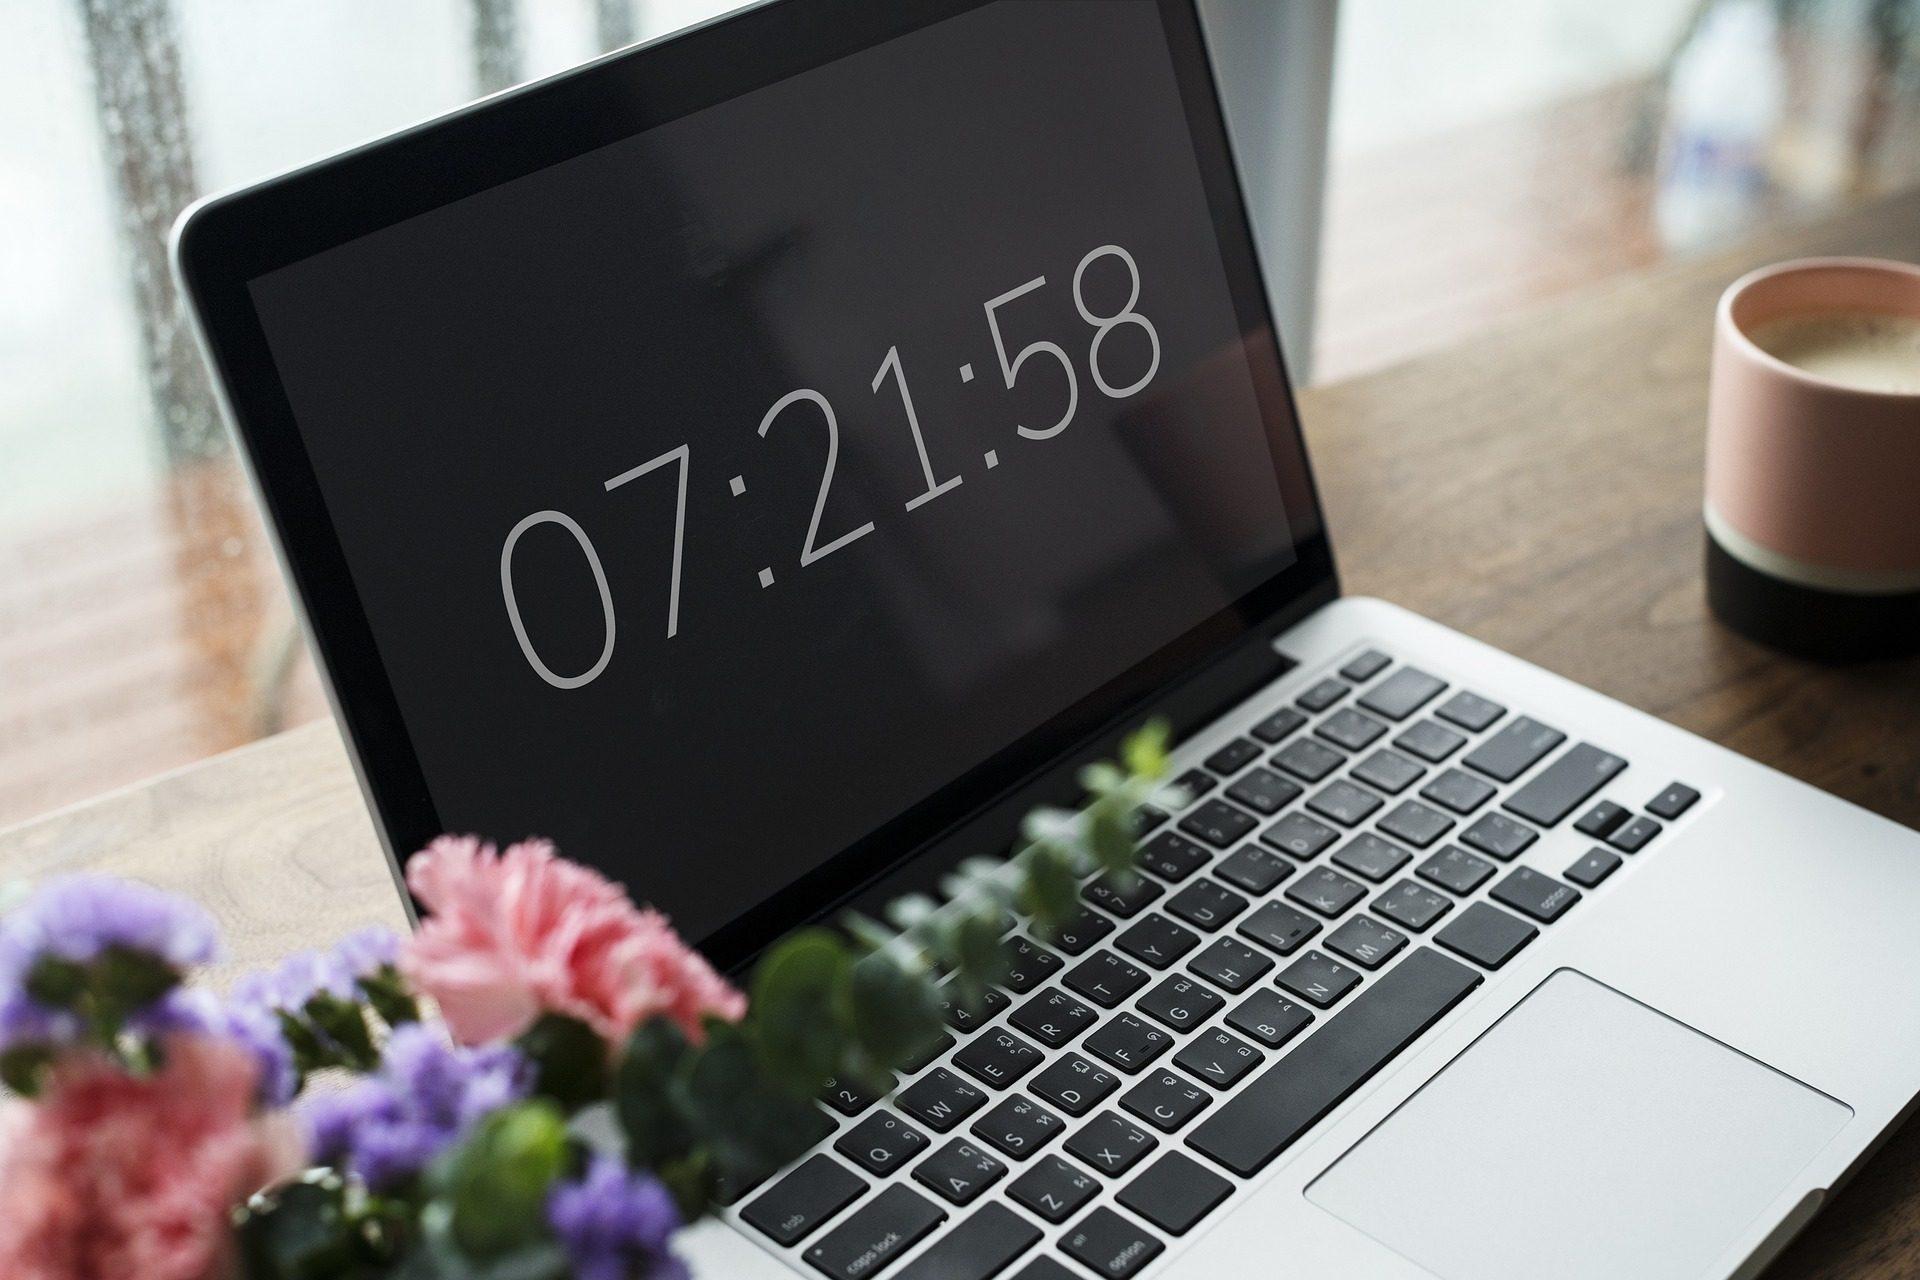 Laptop steht auf einem Tisch, daneben eine Tasse und ein Blumenstrauß in den Farben rose und lila